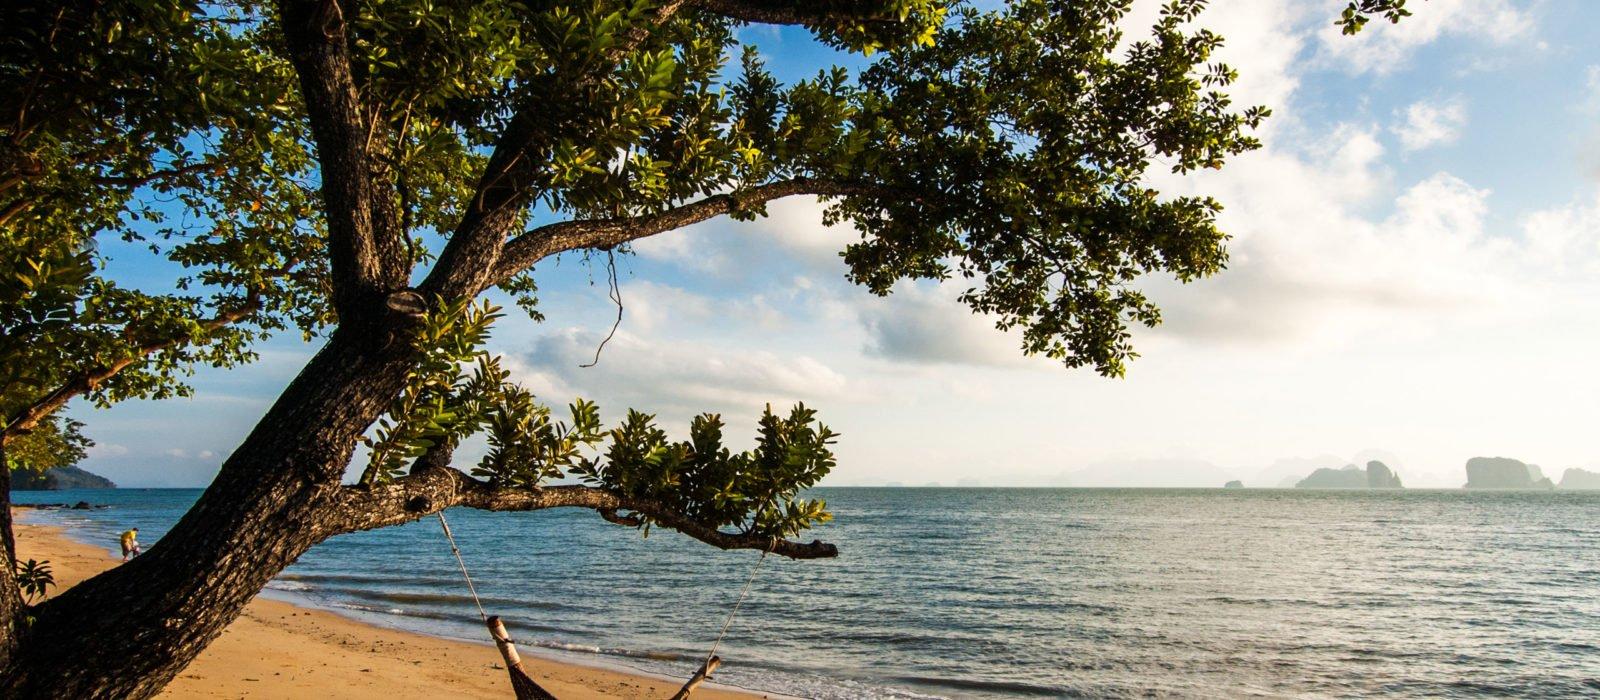 Hammock on the beach, Koh Yao Noi